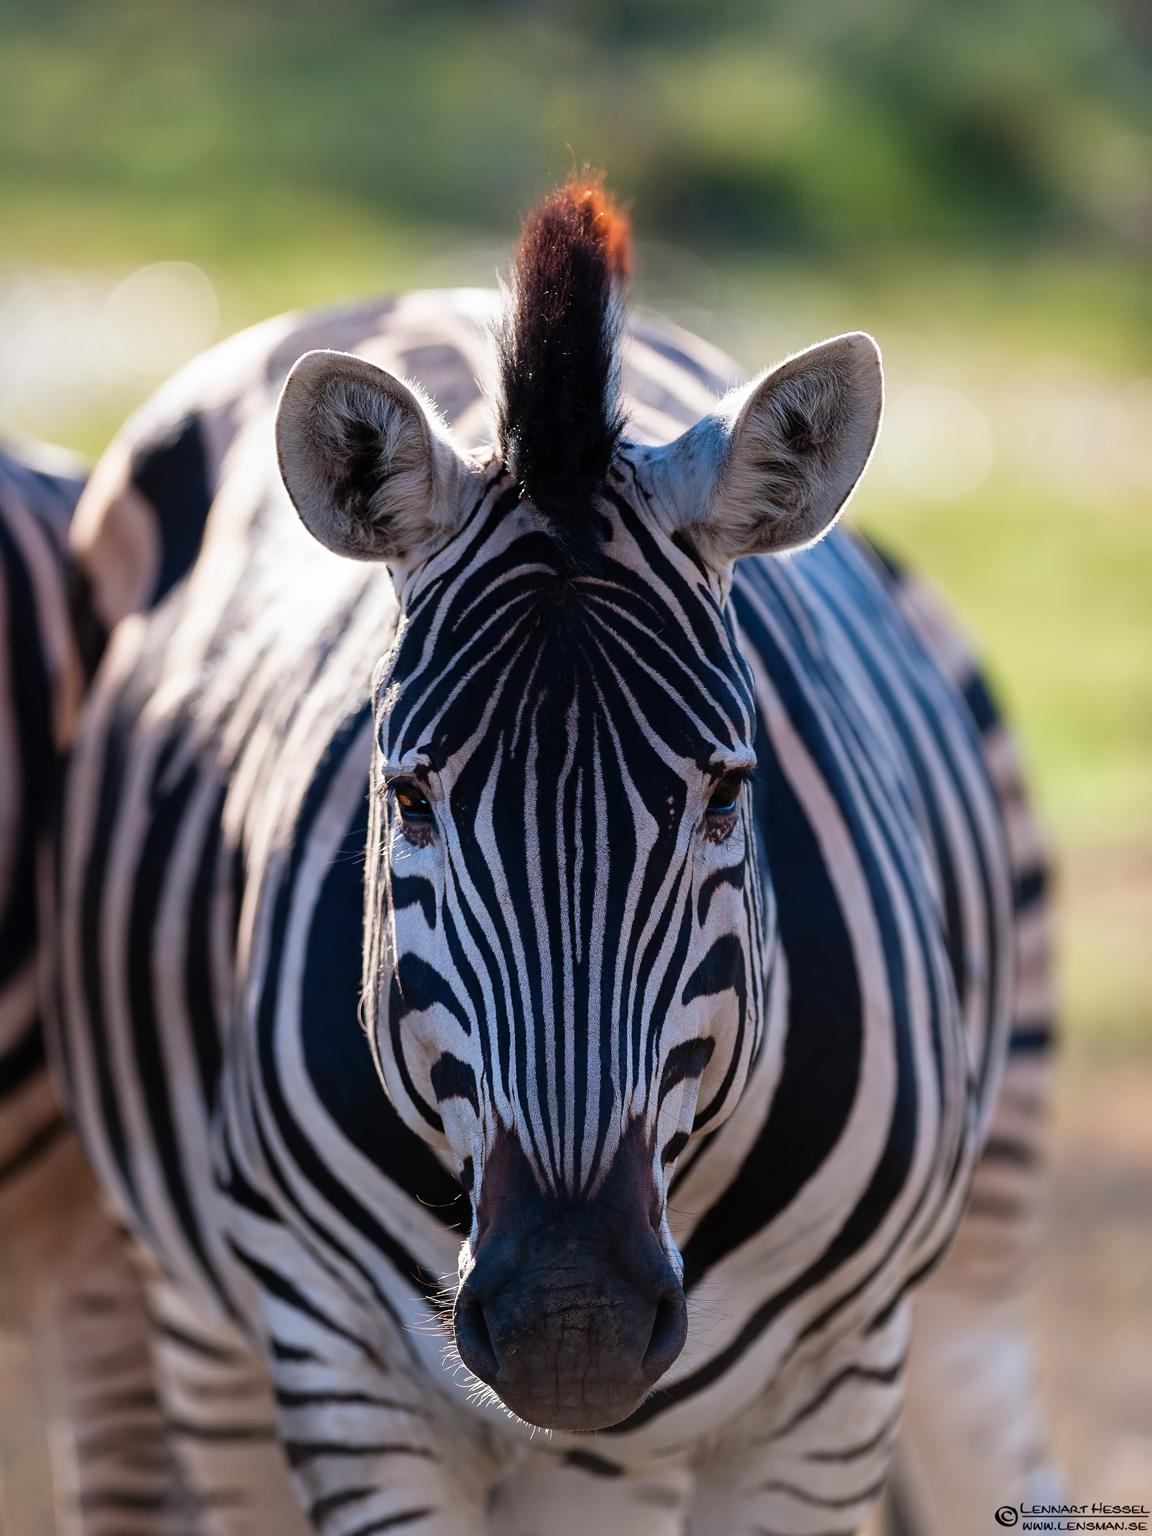 Zebra in Moremi Game Reserve, Botswana cover